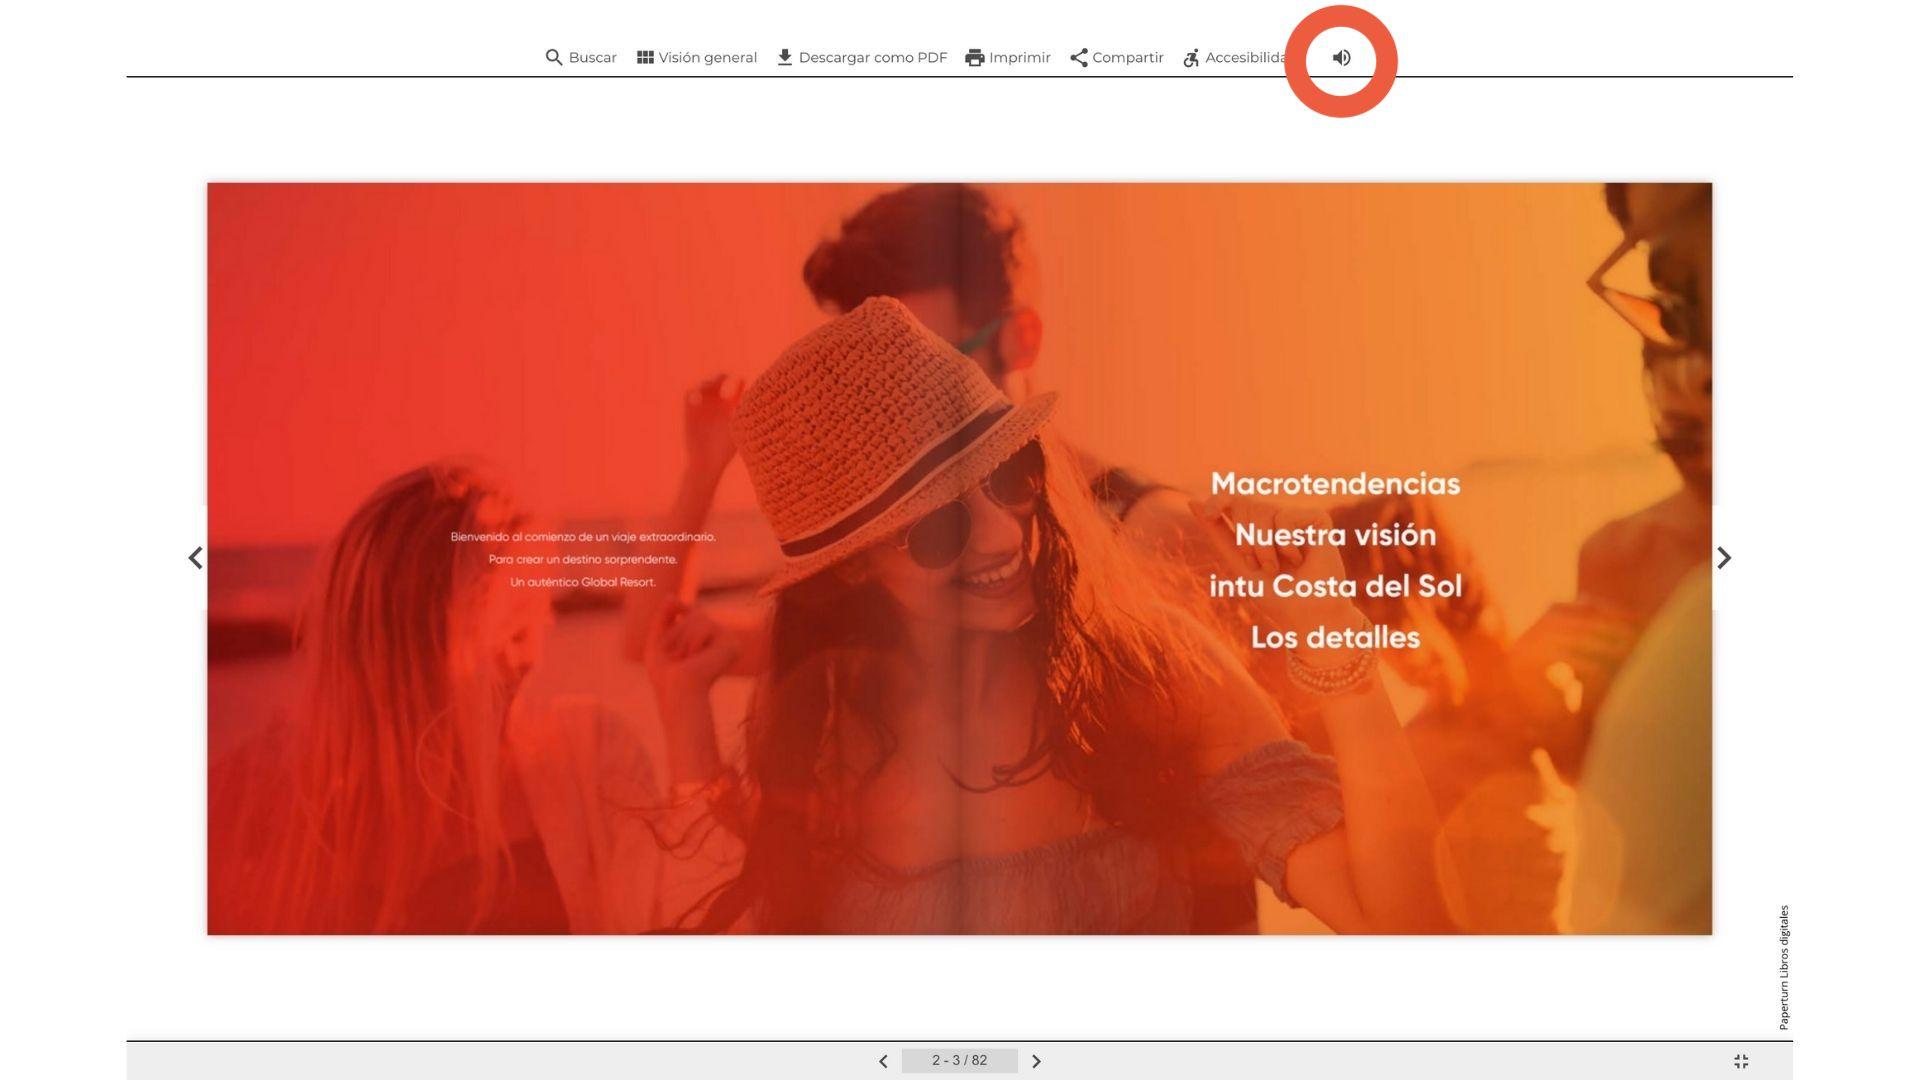 Captura de pantalla que muestra el flipbook abierto y la opción de música de fondo en acción.